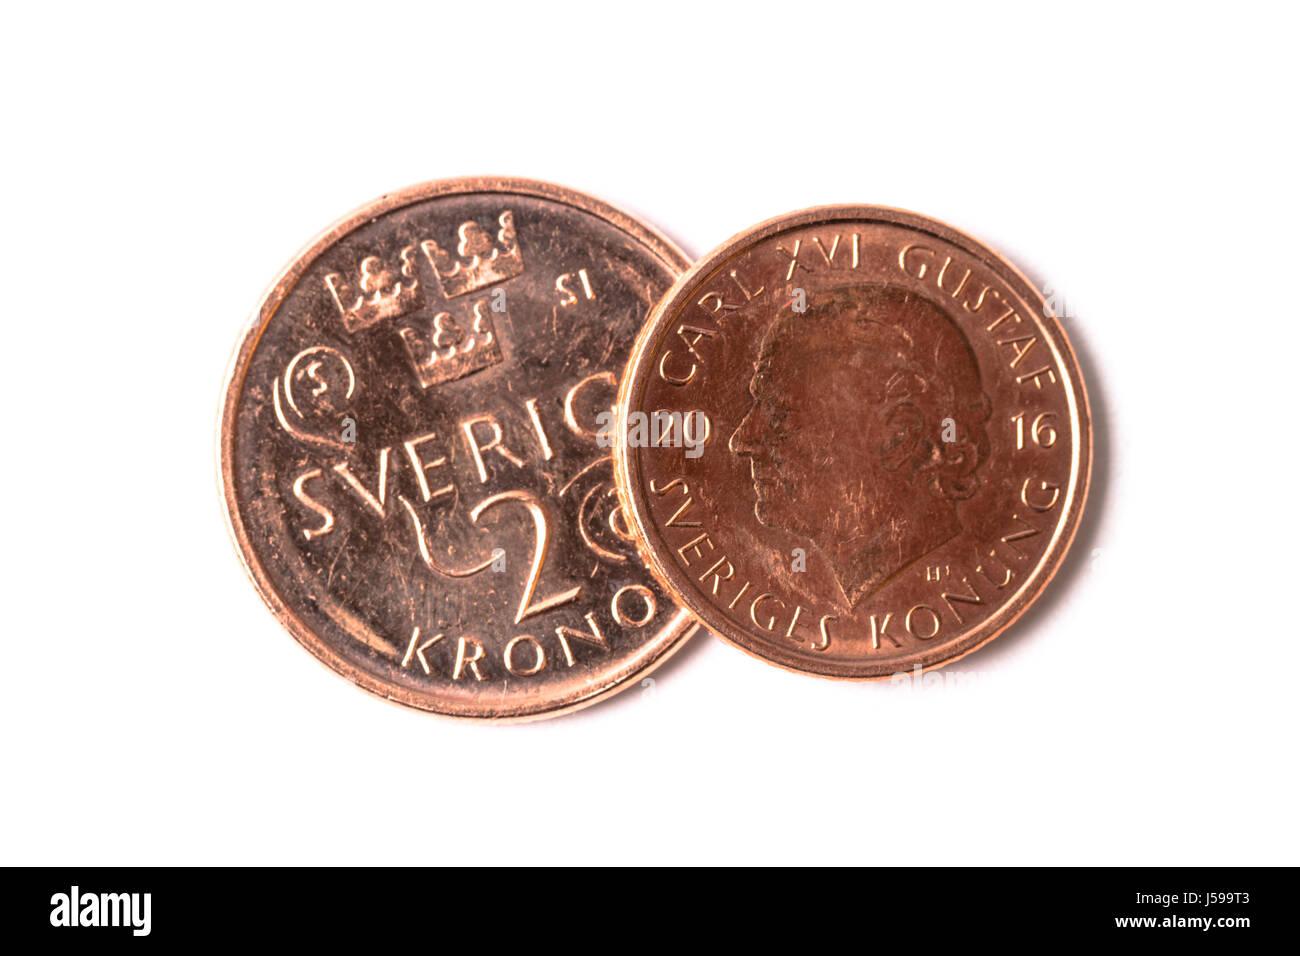 Währung Schwedische Krone Stockfotos Währung Schwedische Krone